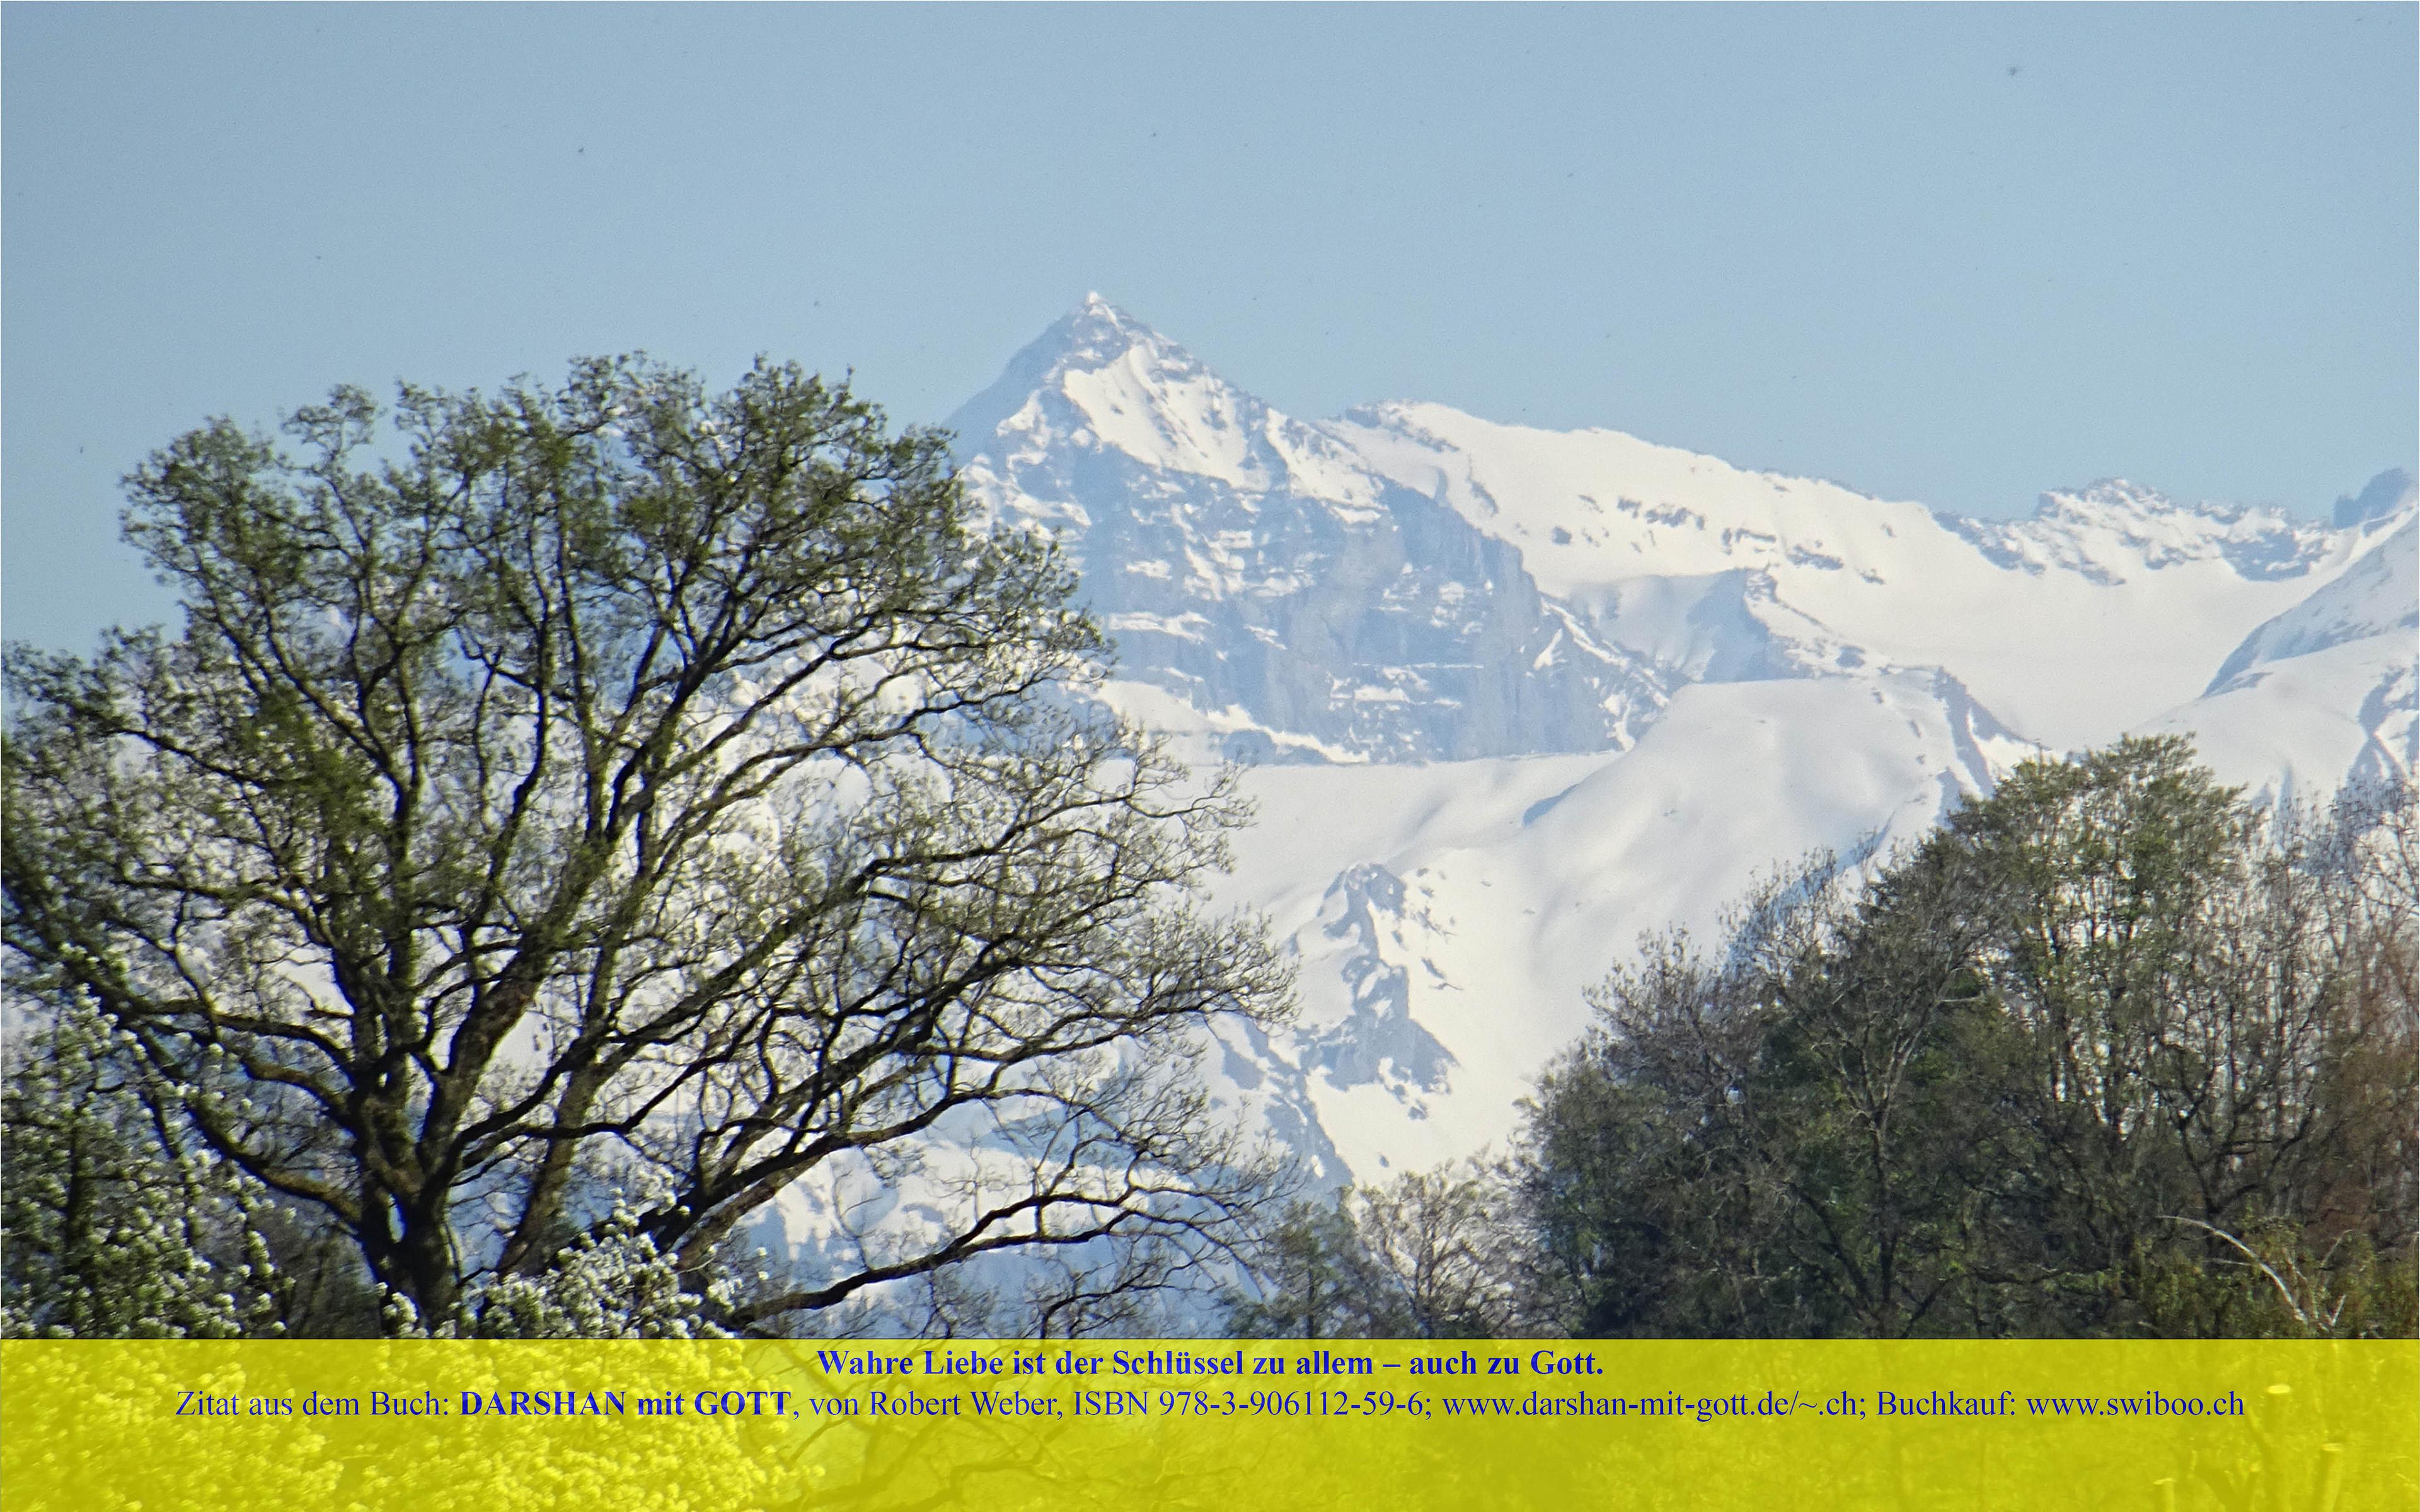 DARSHAN mit GOTT: Wahre Liebe ist ..., Schneeberge mit blühenden Bäumen, Sempach